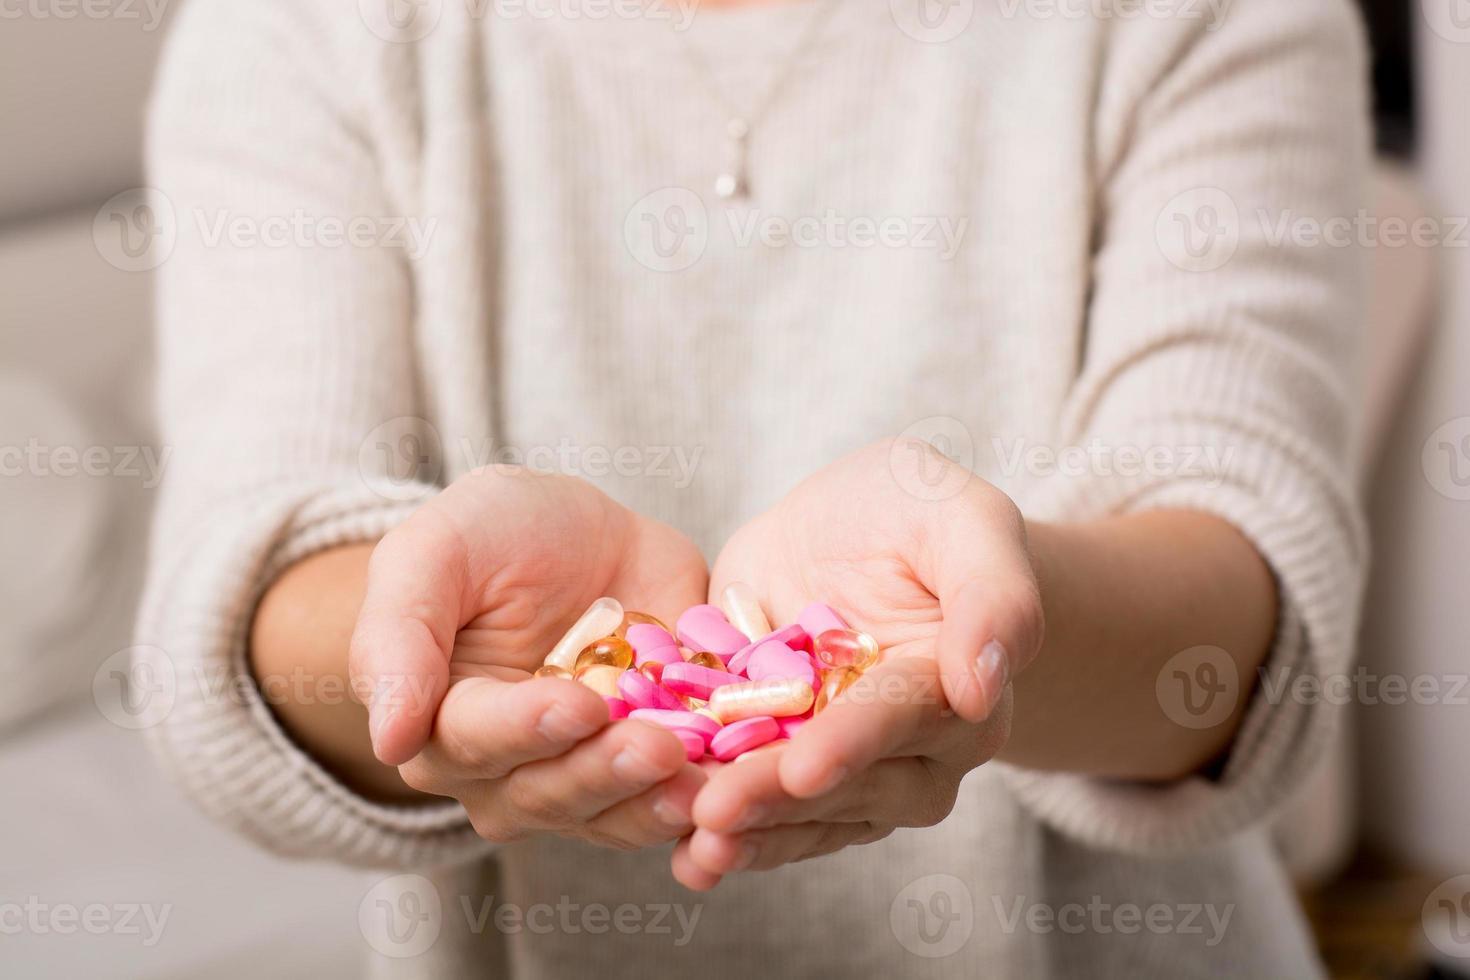 ajudar viciado em drogas foto